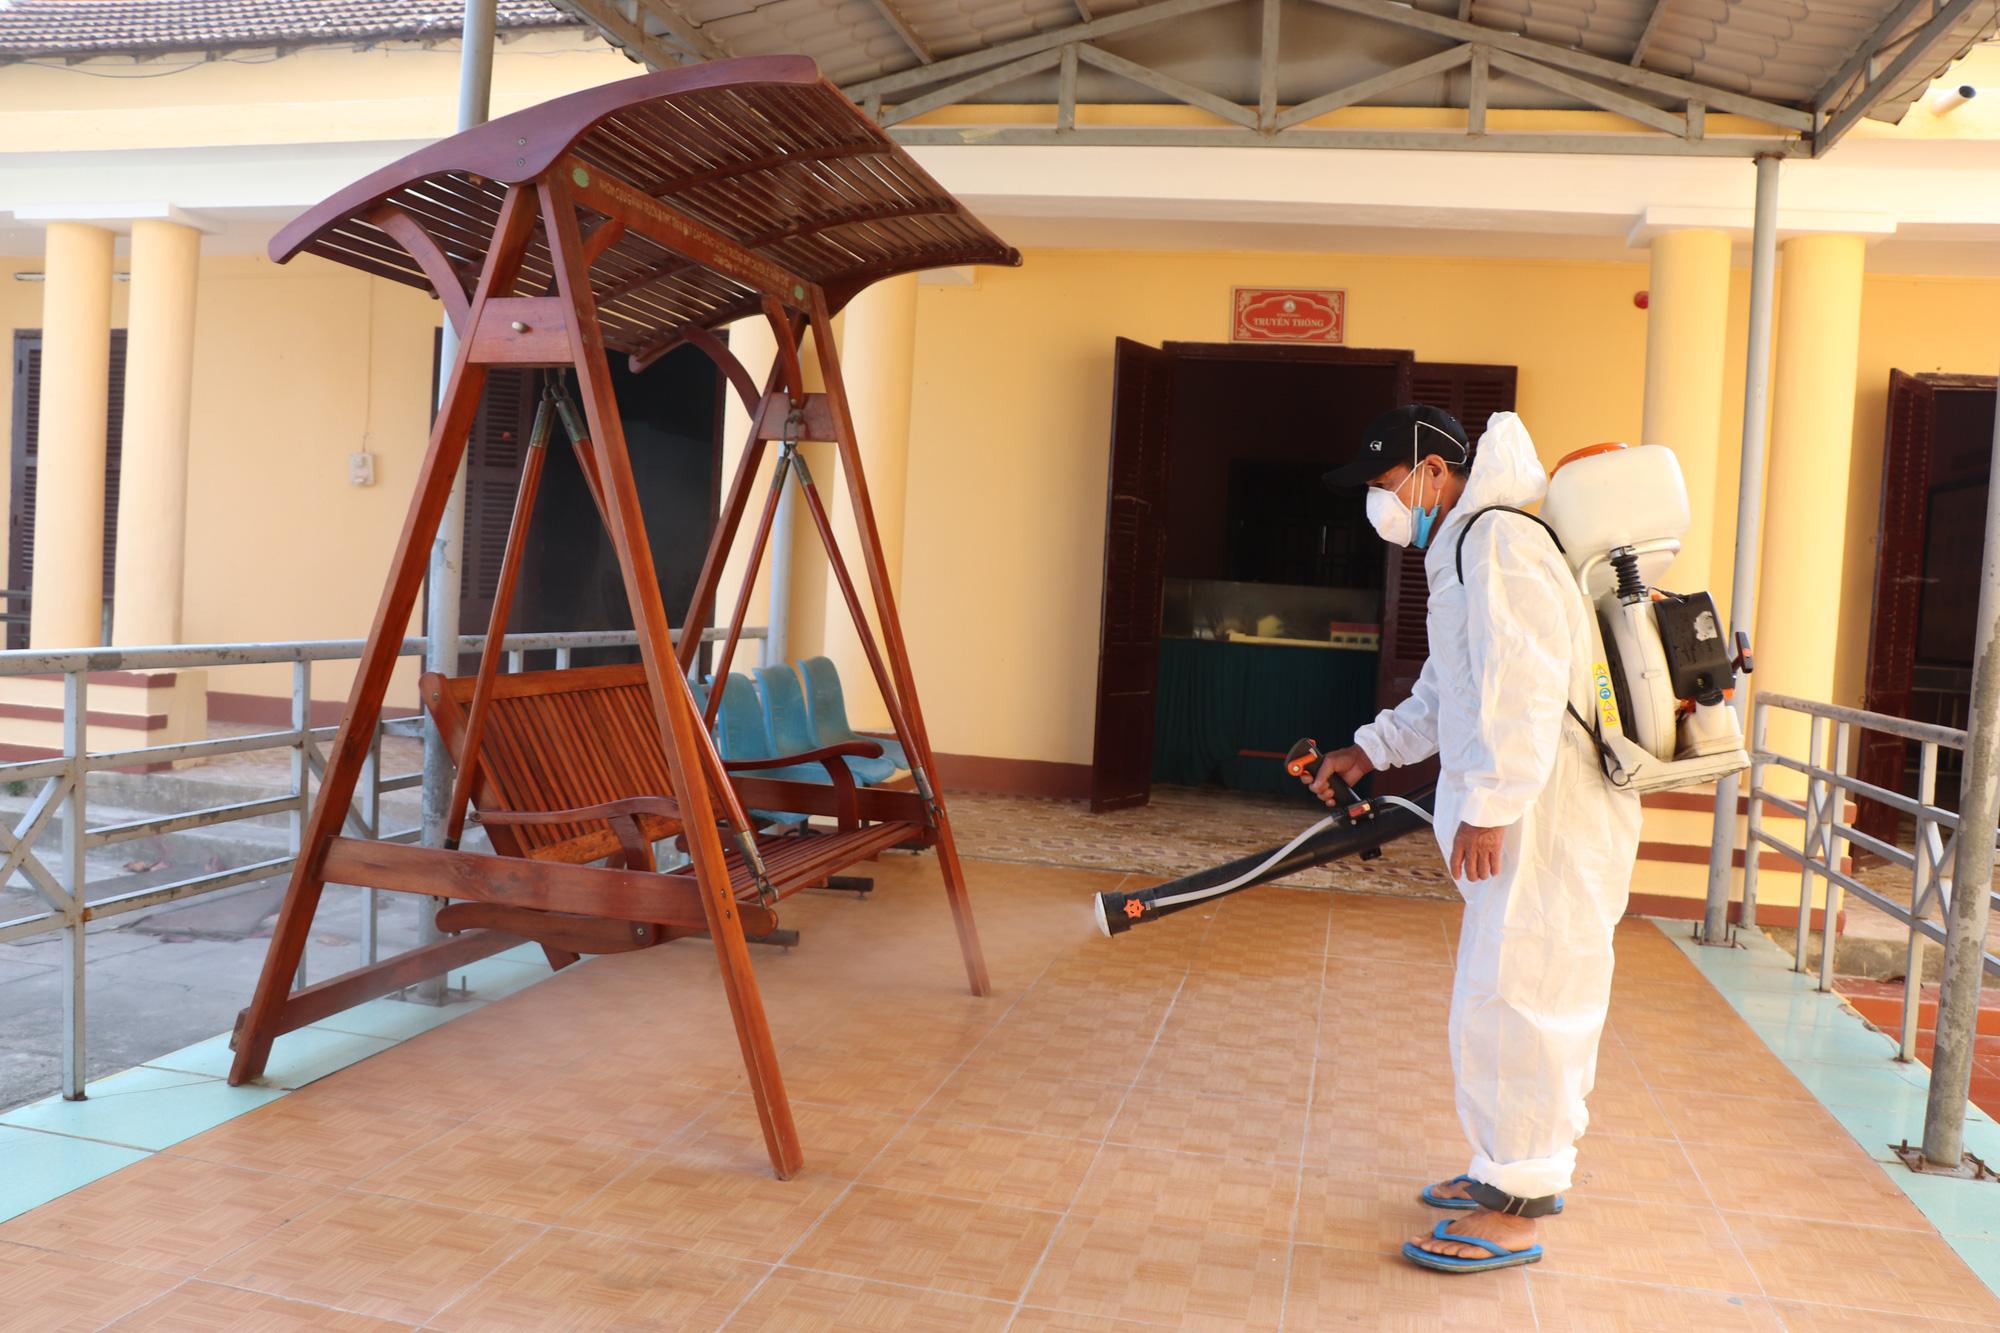 Quảng Nam: Ngày đầu đi học lại, trường khẩn trương khử trùng, học sinh được đo thân nhiệt trước khi vào lớp - Ảnh 5.